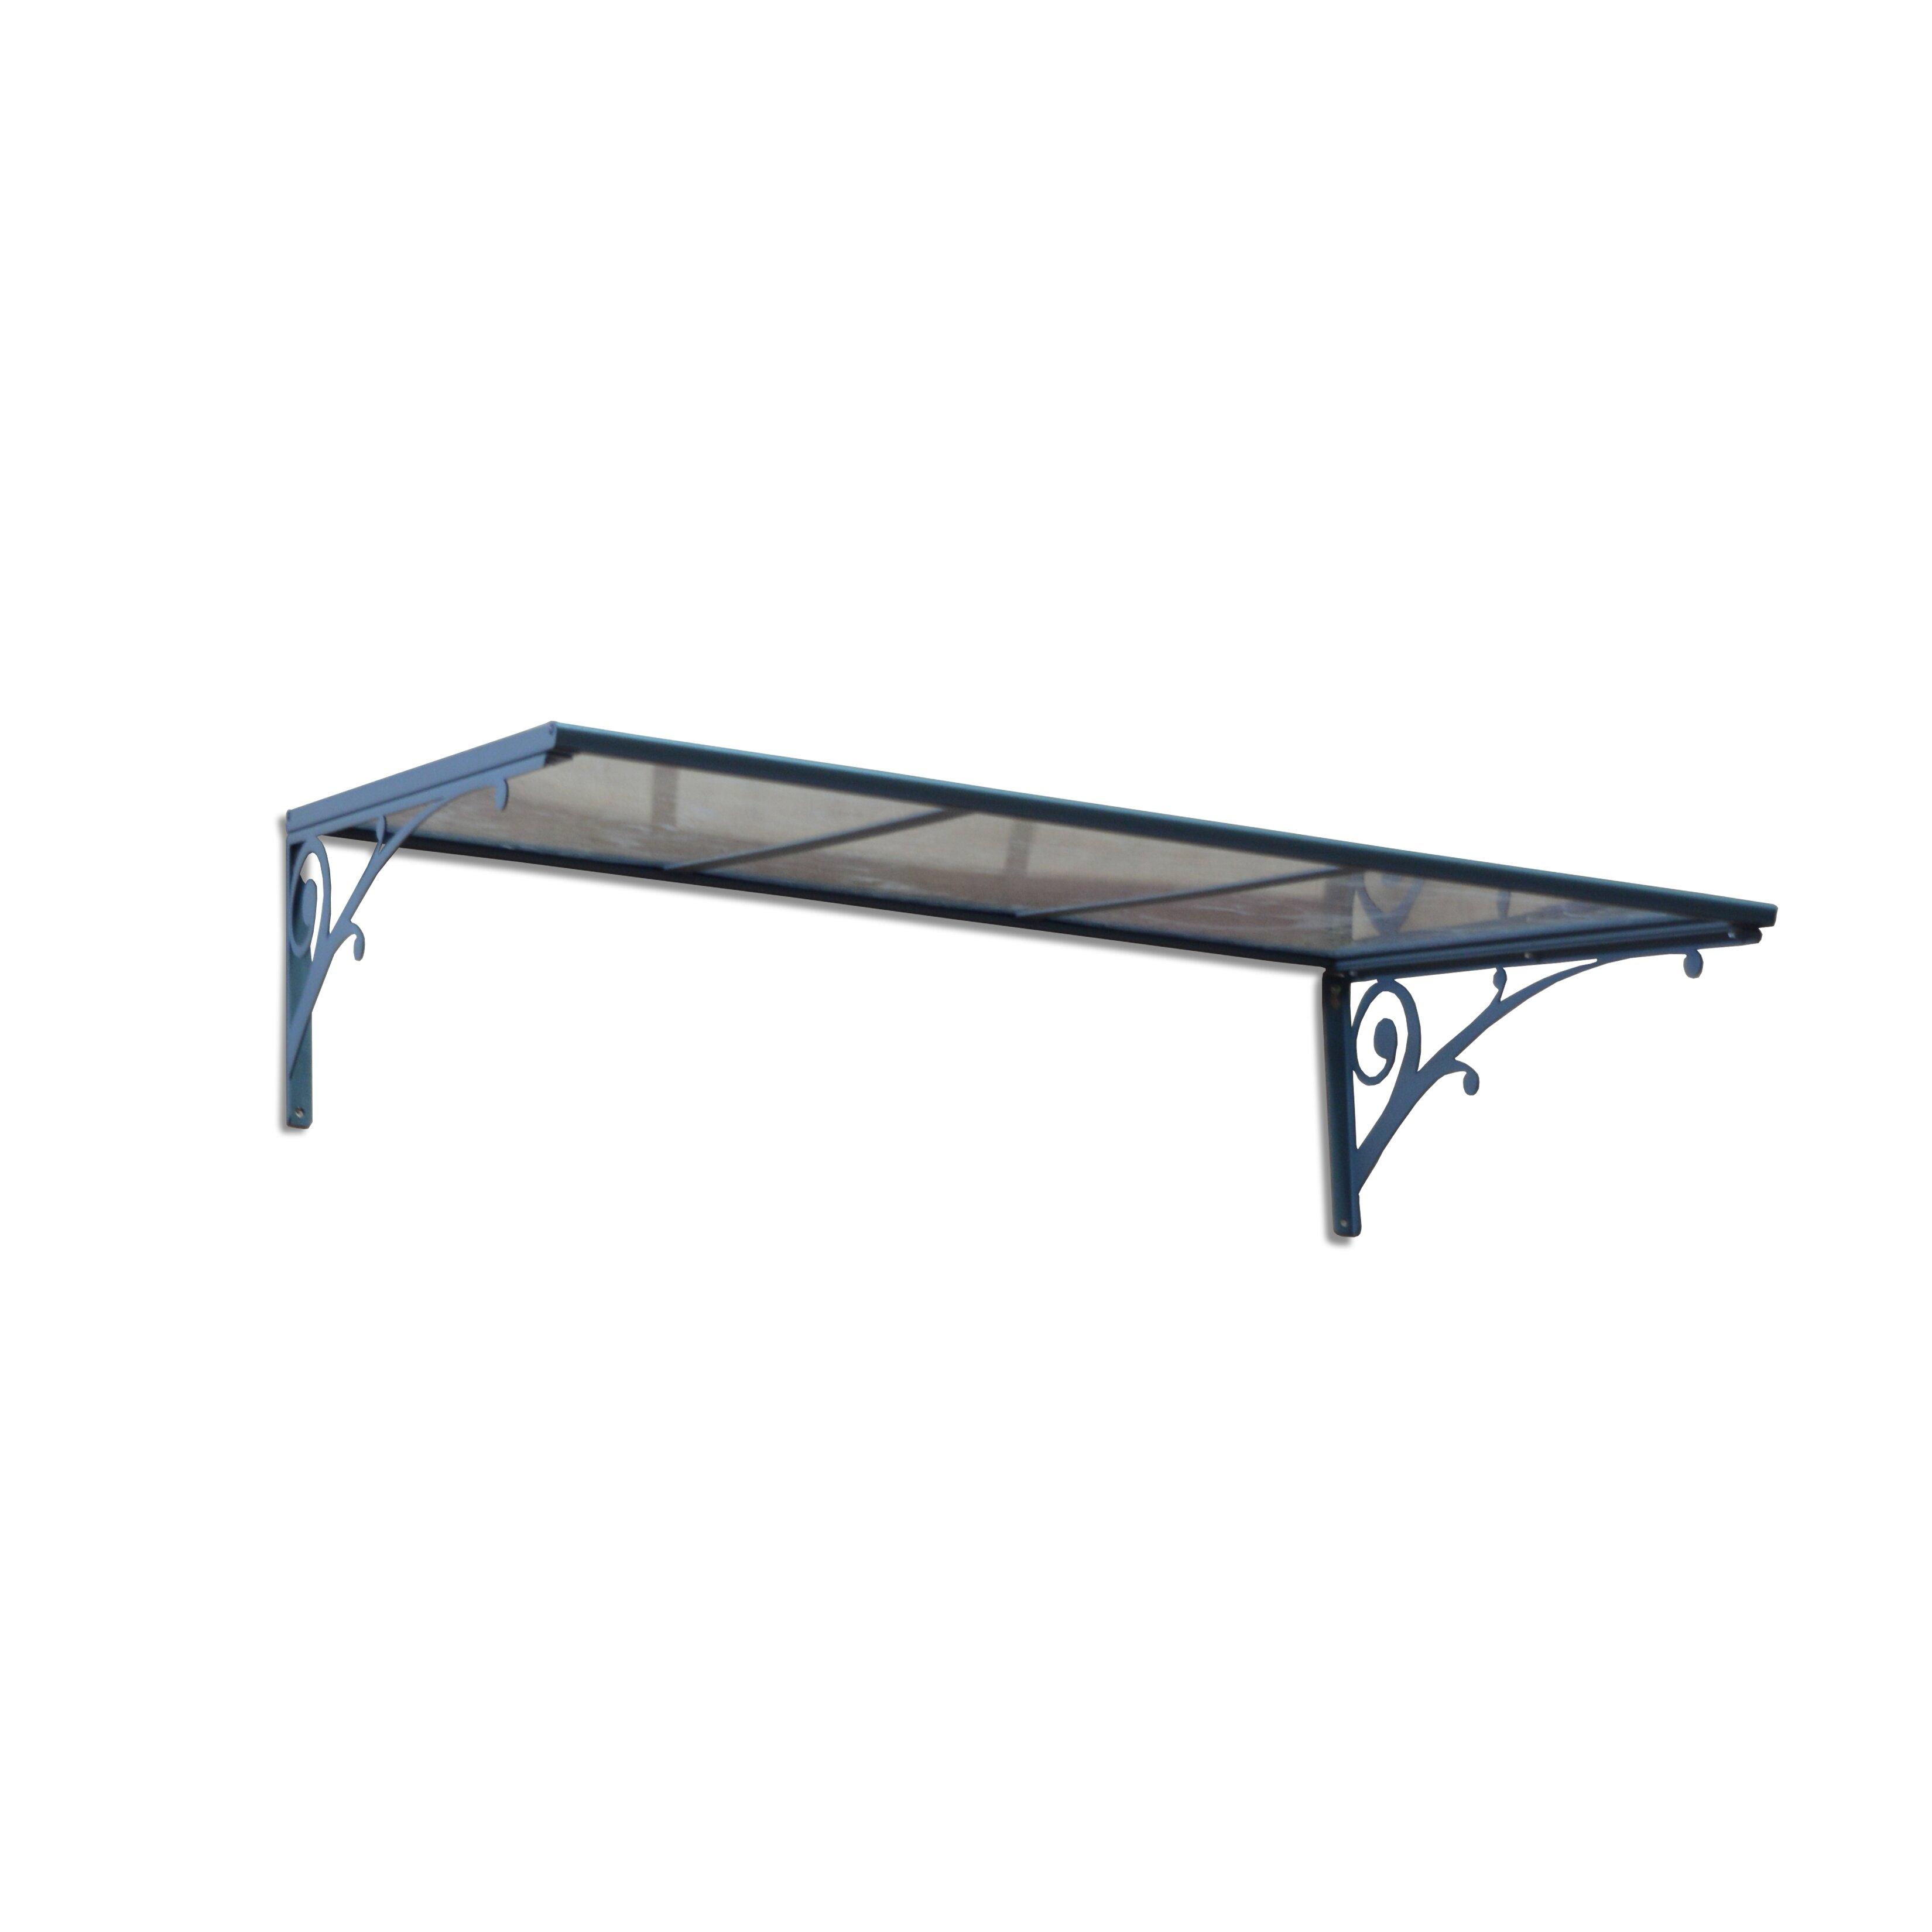 Palram aries 1350 1 ft x 4 ft x 3 ft rectangular awning amp reviews